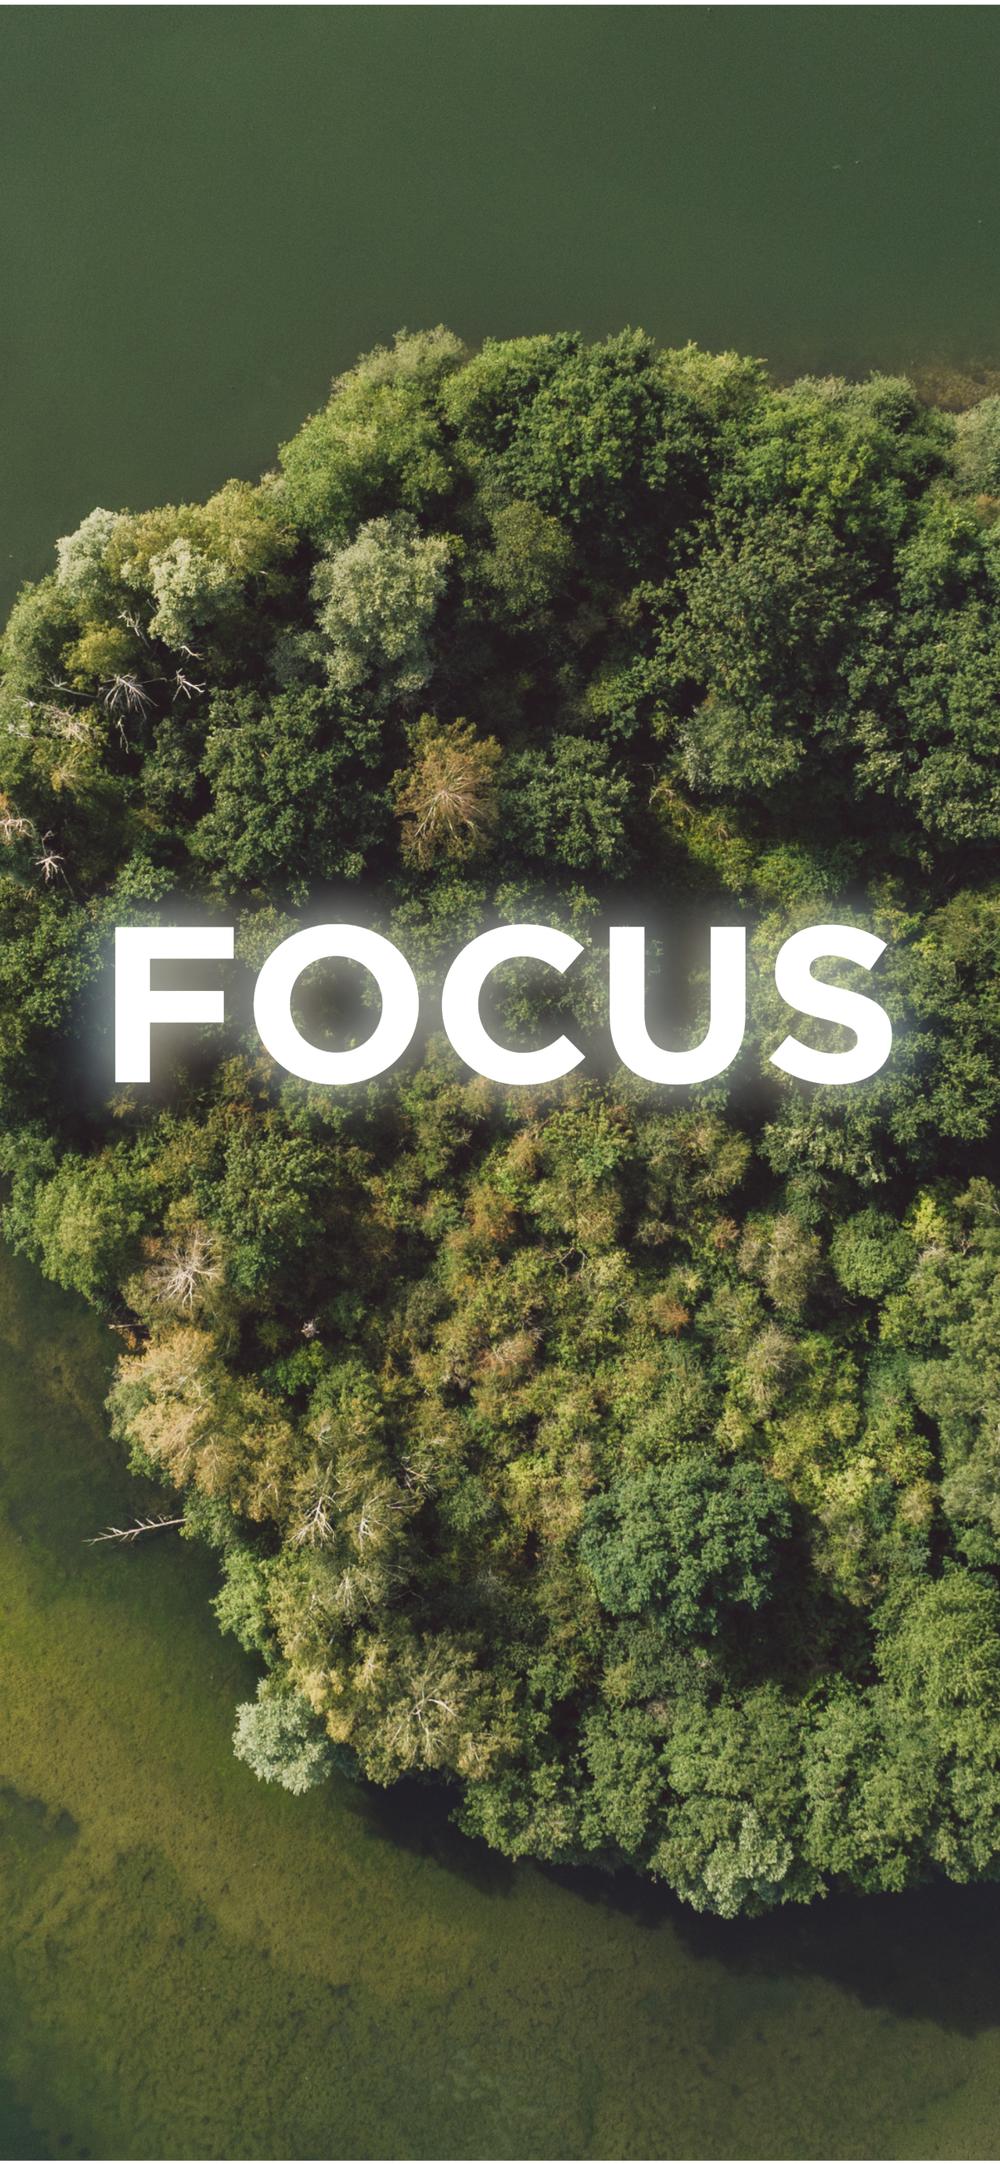 iphone-focus-background-9